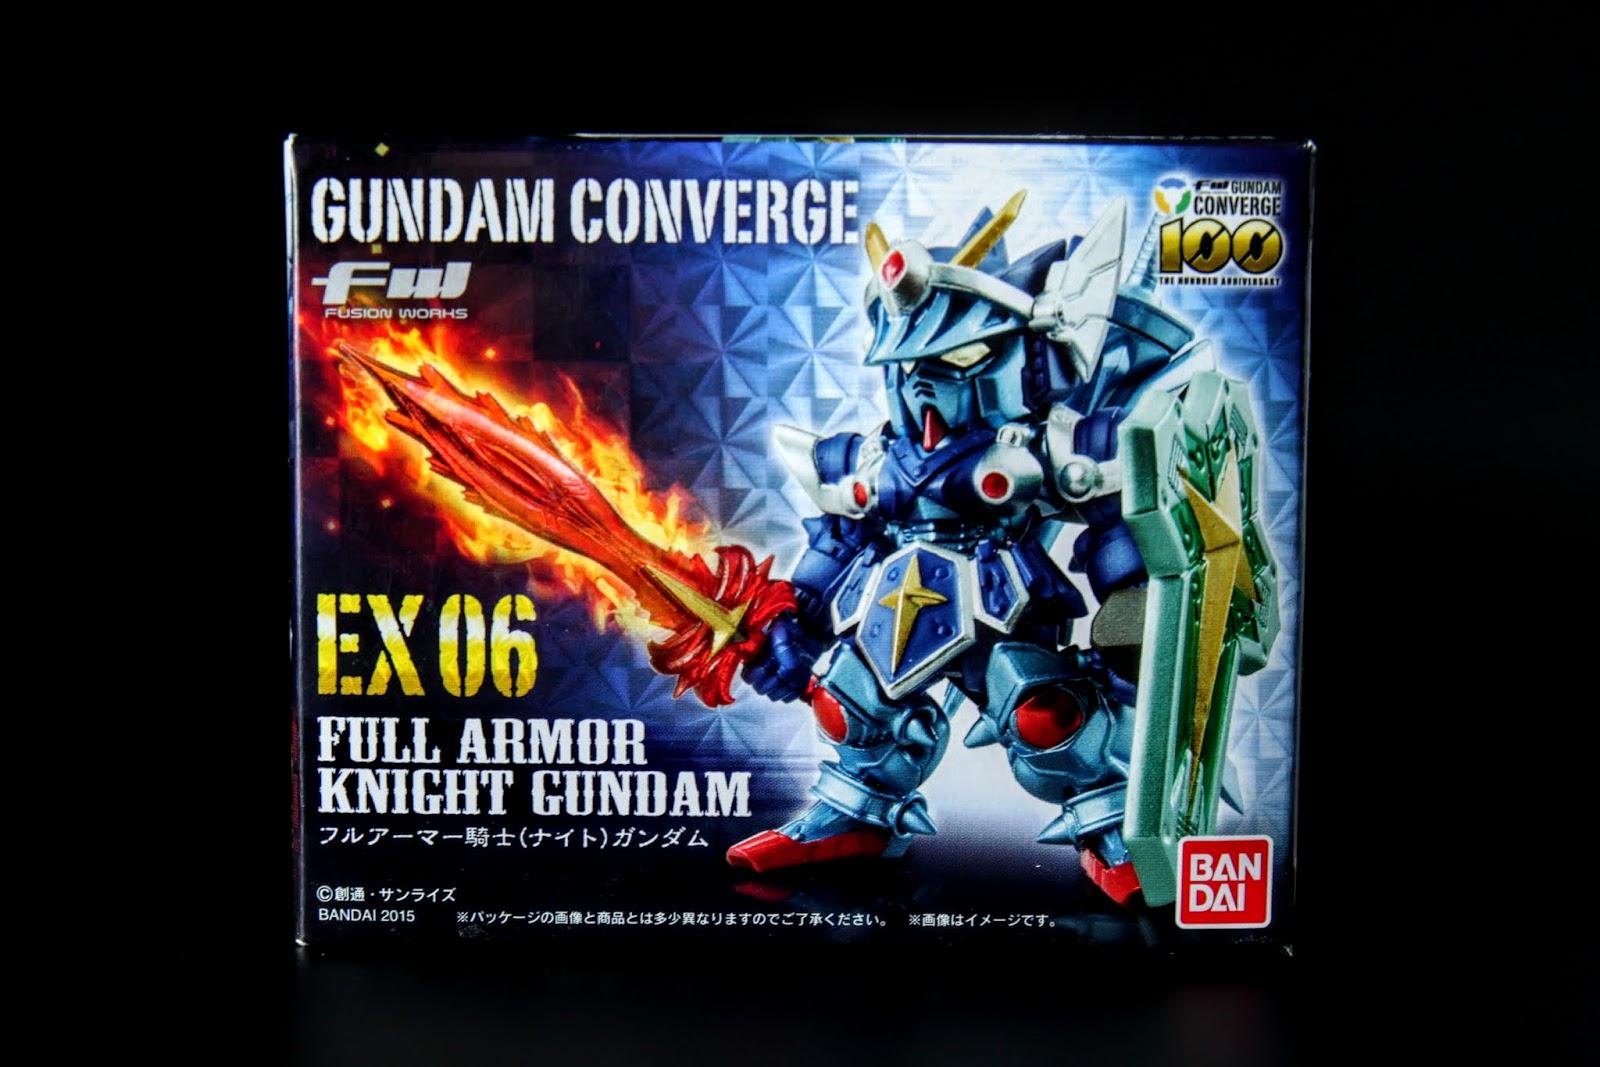 與EX05一起販售的EX06, 盒繪也是不同於一般FW系列